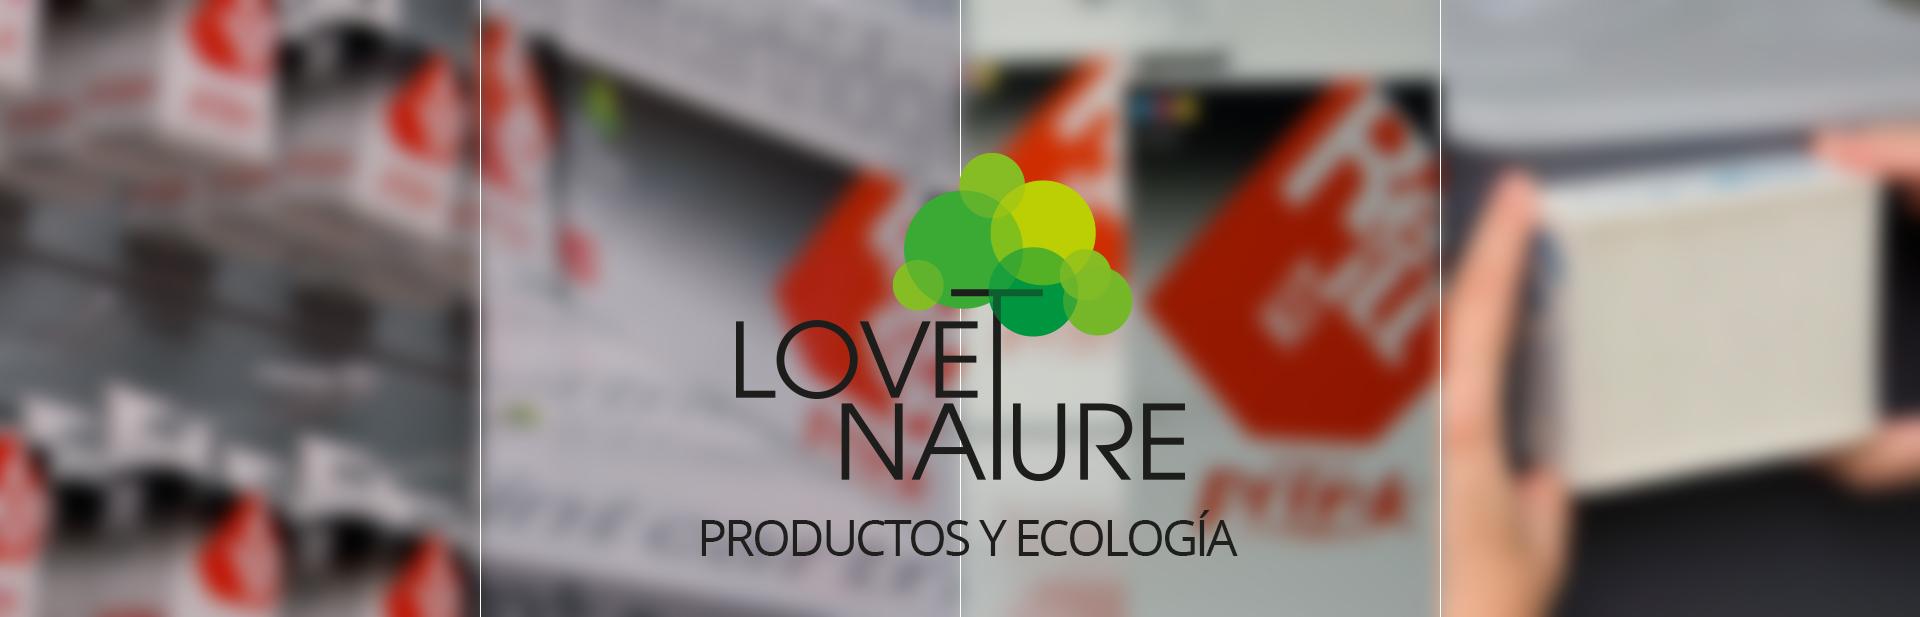 Productos-y-ecologa